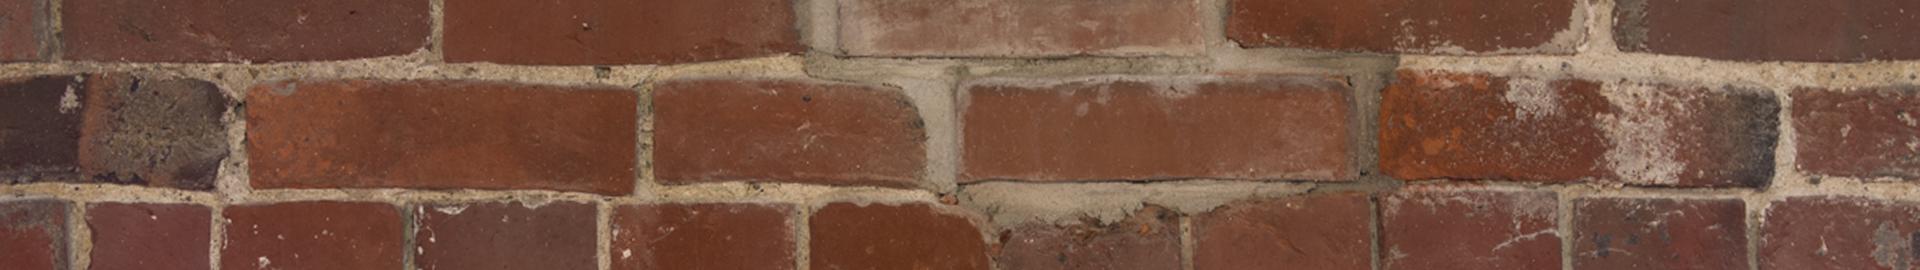 brick bar.jpg